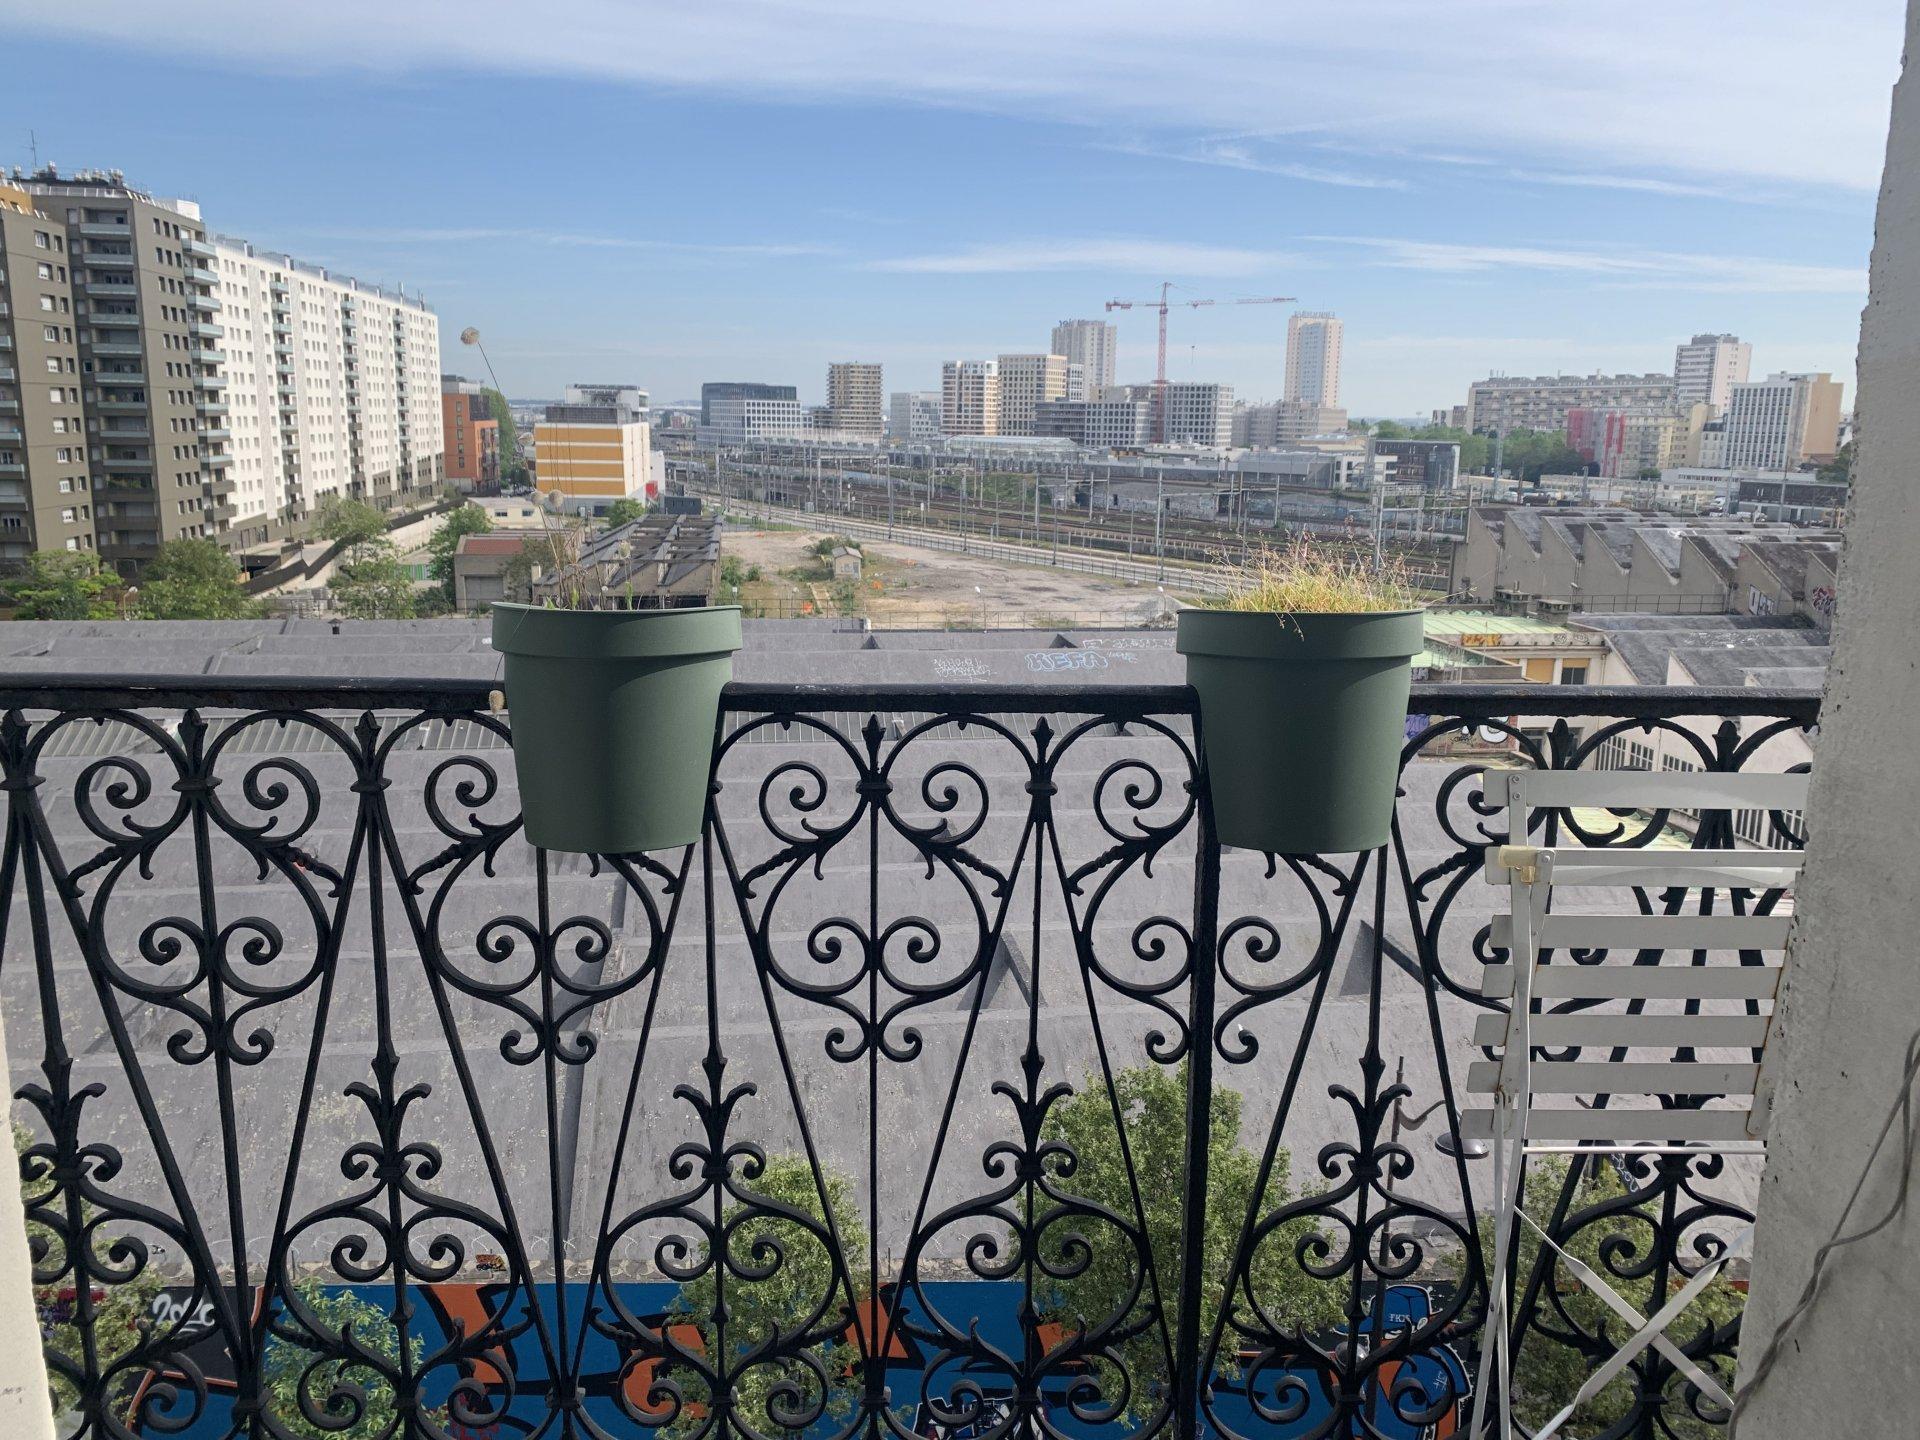 Paris - XVIII - BAS MONTMARTRE - RUE ORDENER - 3 PIÈCES - 2 CHAMBRES - TRAVERSANT - BALCON - SOLEIL - VUE CIEL ET TOITS - CALME - CACHET MANIFESTE.